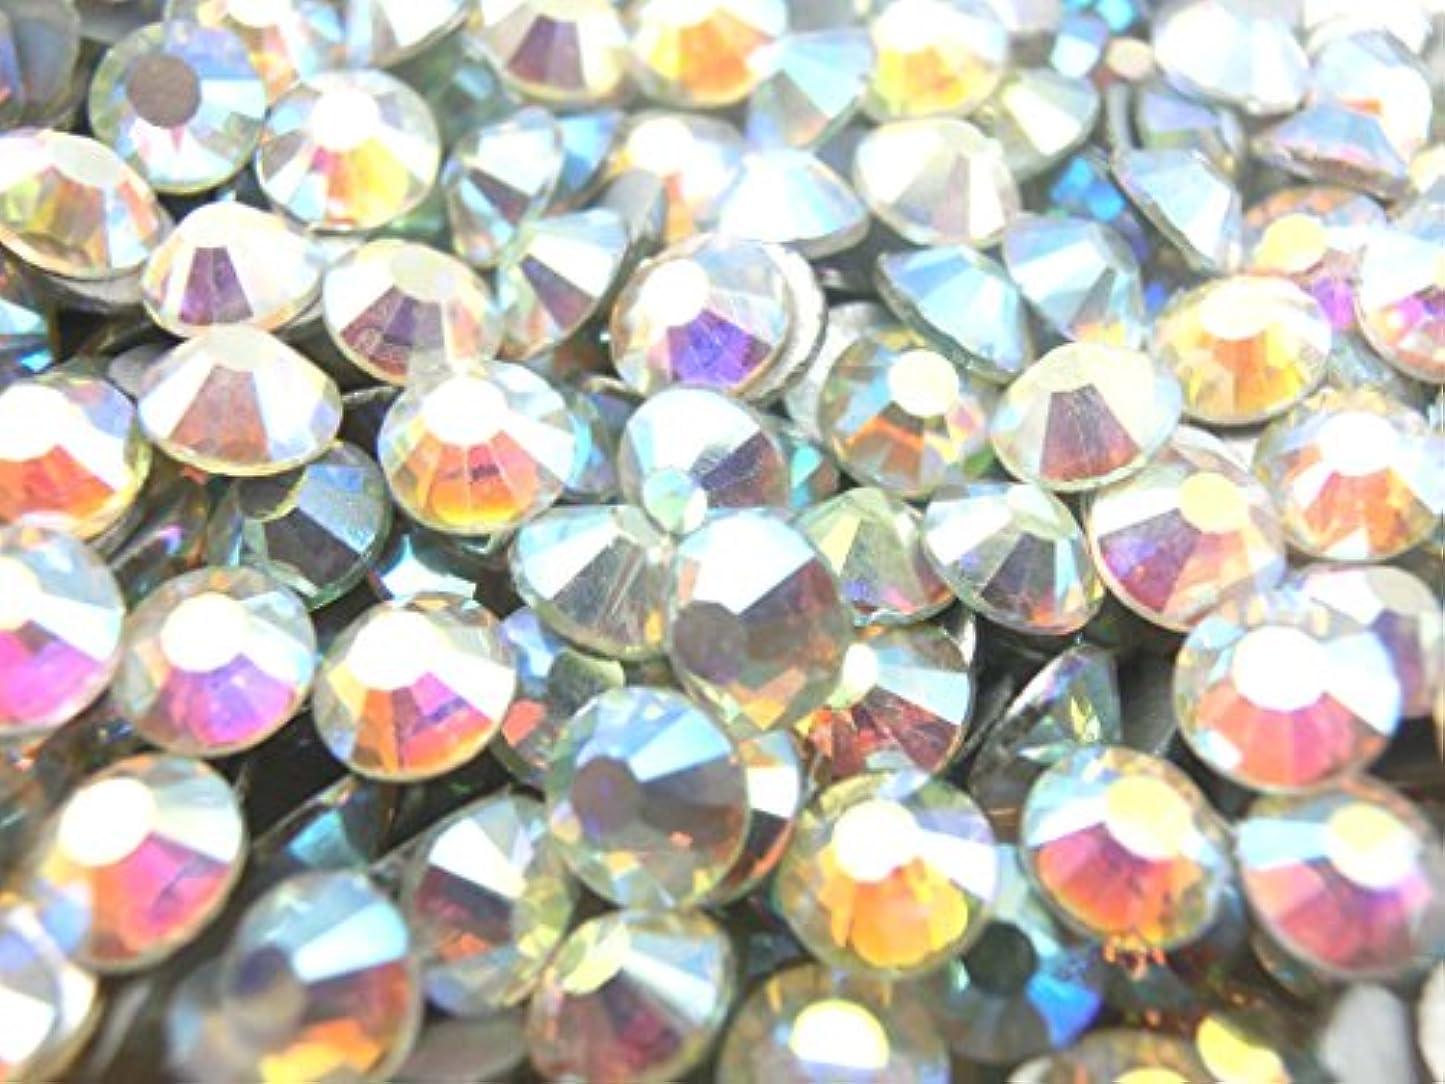 層アイザックバラ色【ラインストーン77】 ガラス製ラインストーン オーロラクリスタル 各サイズ選択可能 スワロフスキー (1.7mm (SS5) 約200粒)